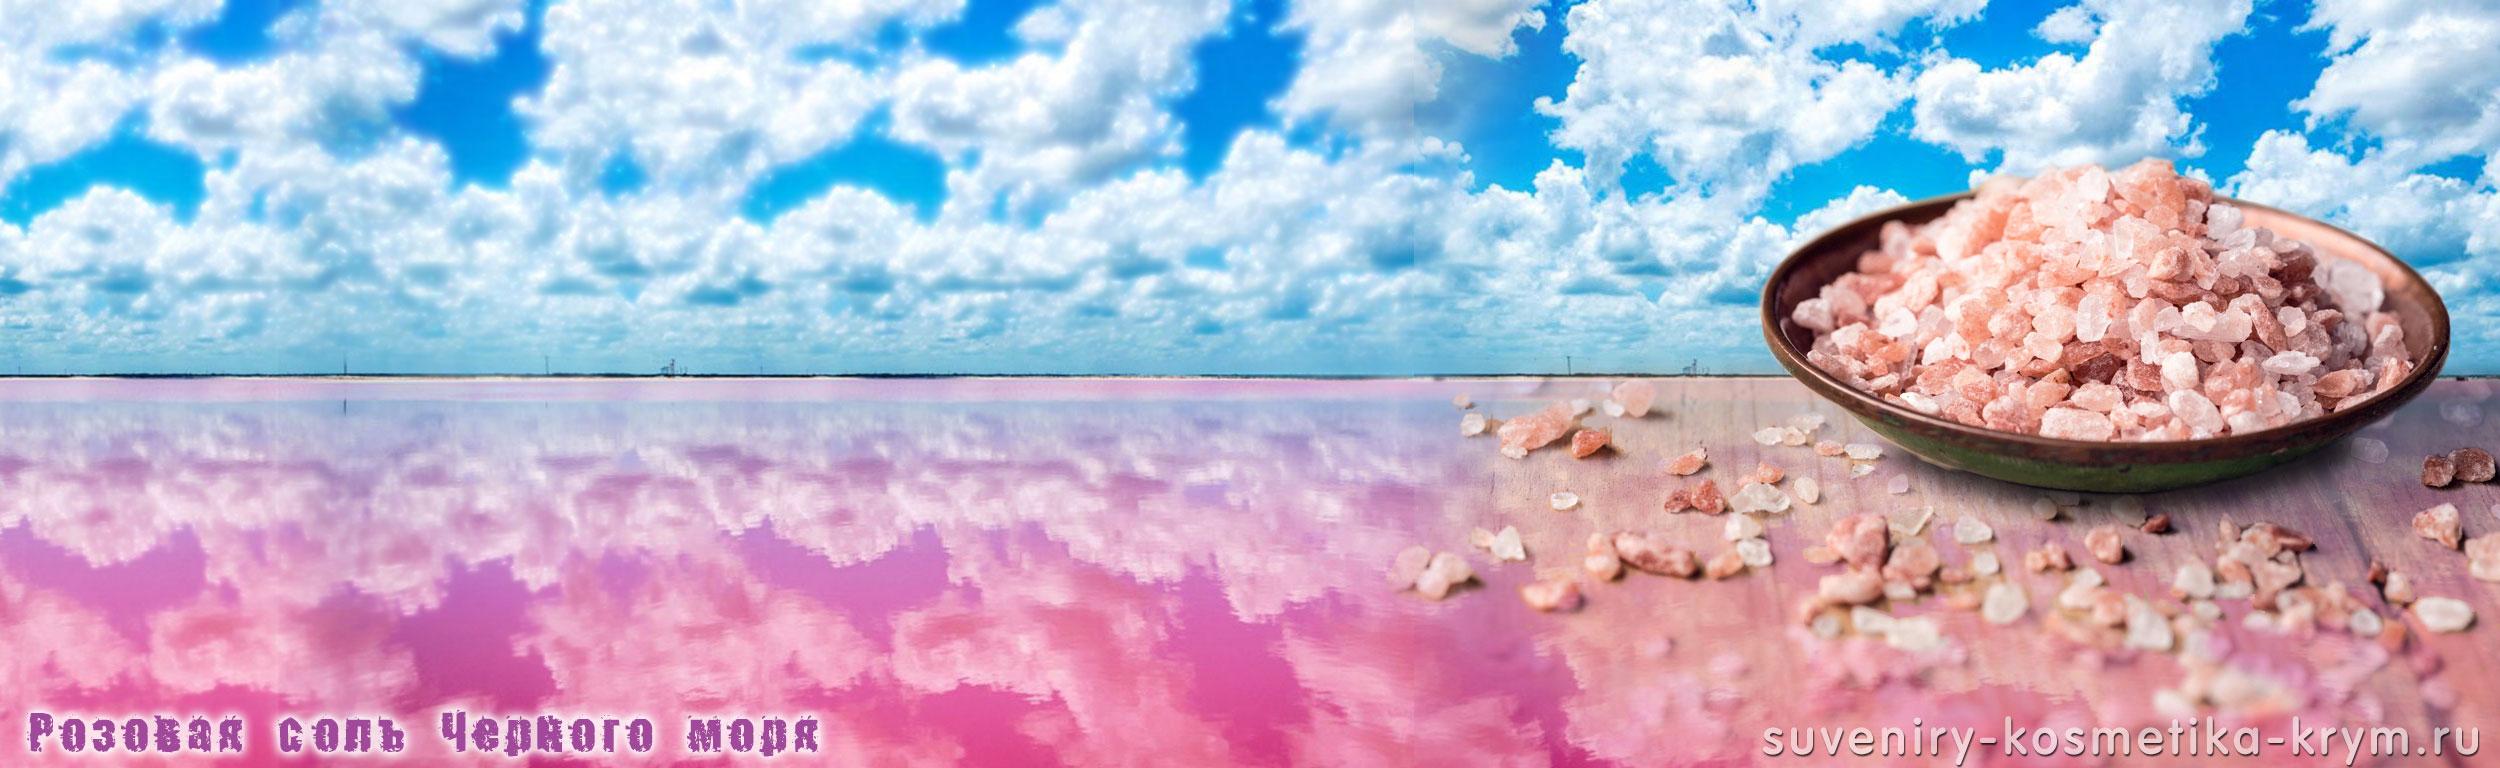 Розовая соль Черного моря - Крым